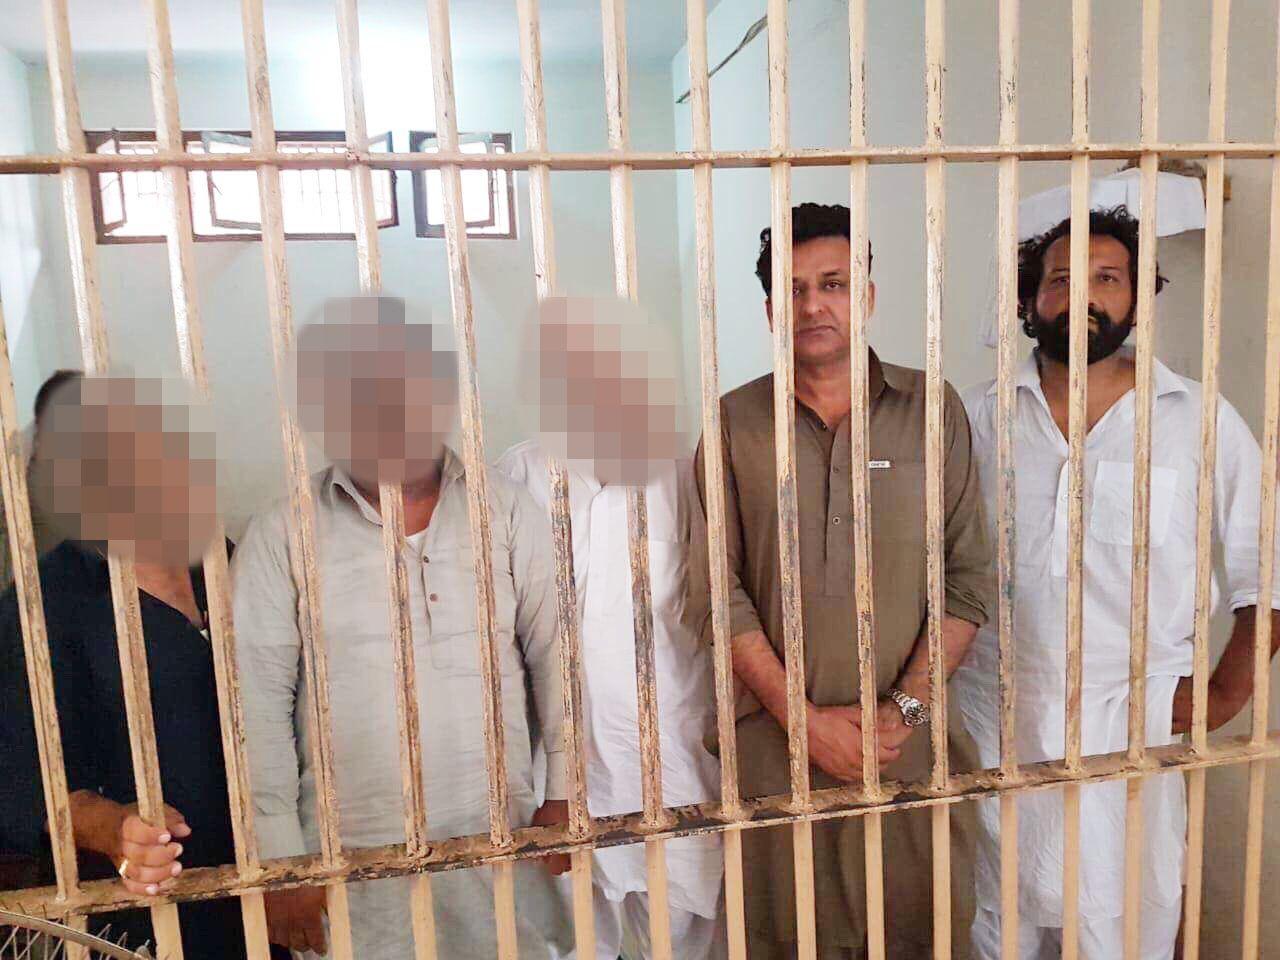 ARRESTERT: TV 2 melder selv på sine nettsider at deres reporter Kadafi Zaman er fengslet i Pakistan. Dette bildet skal angivelig være fra fengselet.  Mannen til venstre er politiker.